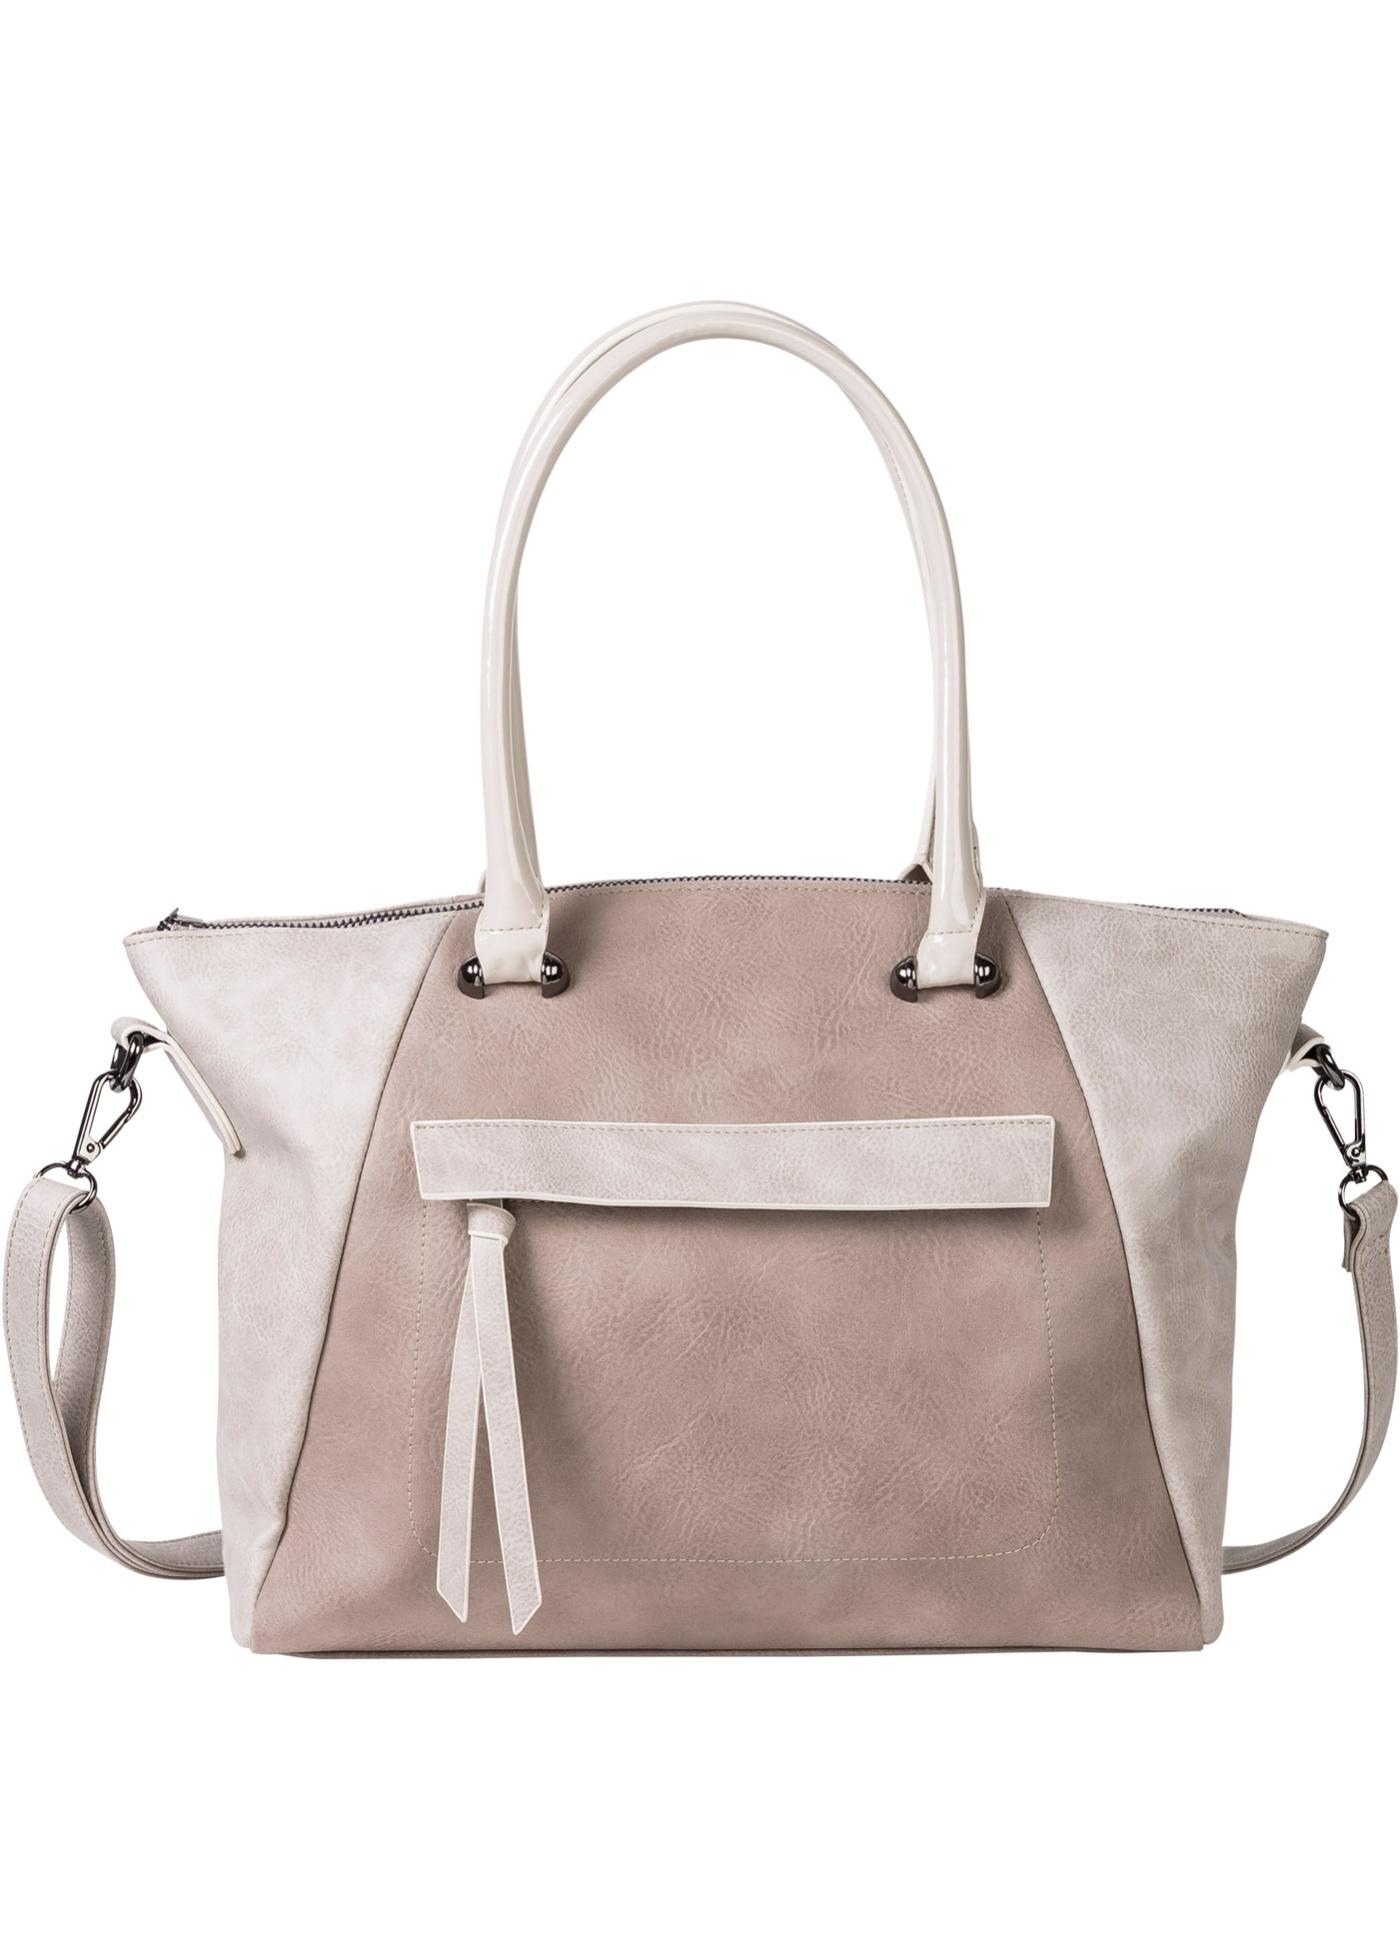 Moderne et chic pour les amatrices de tendance, tel se présente le sac à main bicolore de bpc. Le mélange de matières aux anses et sur le sac ainsi que la forme trapèze lui donnent un look stylé !